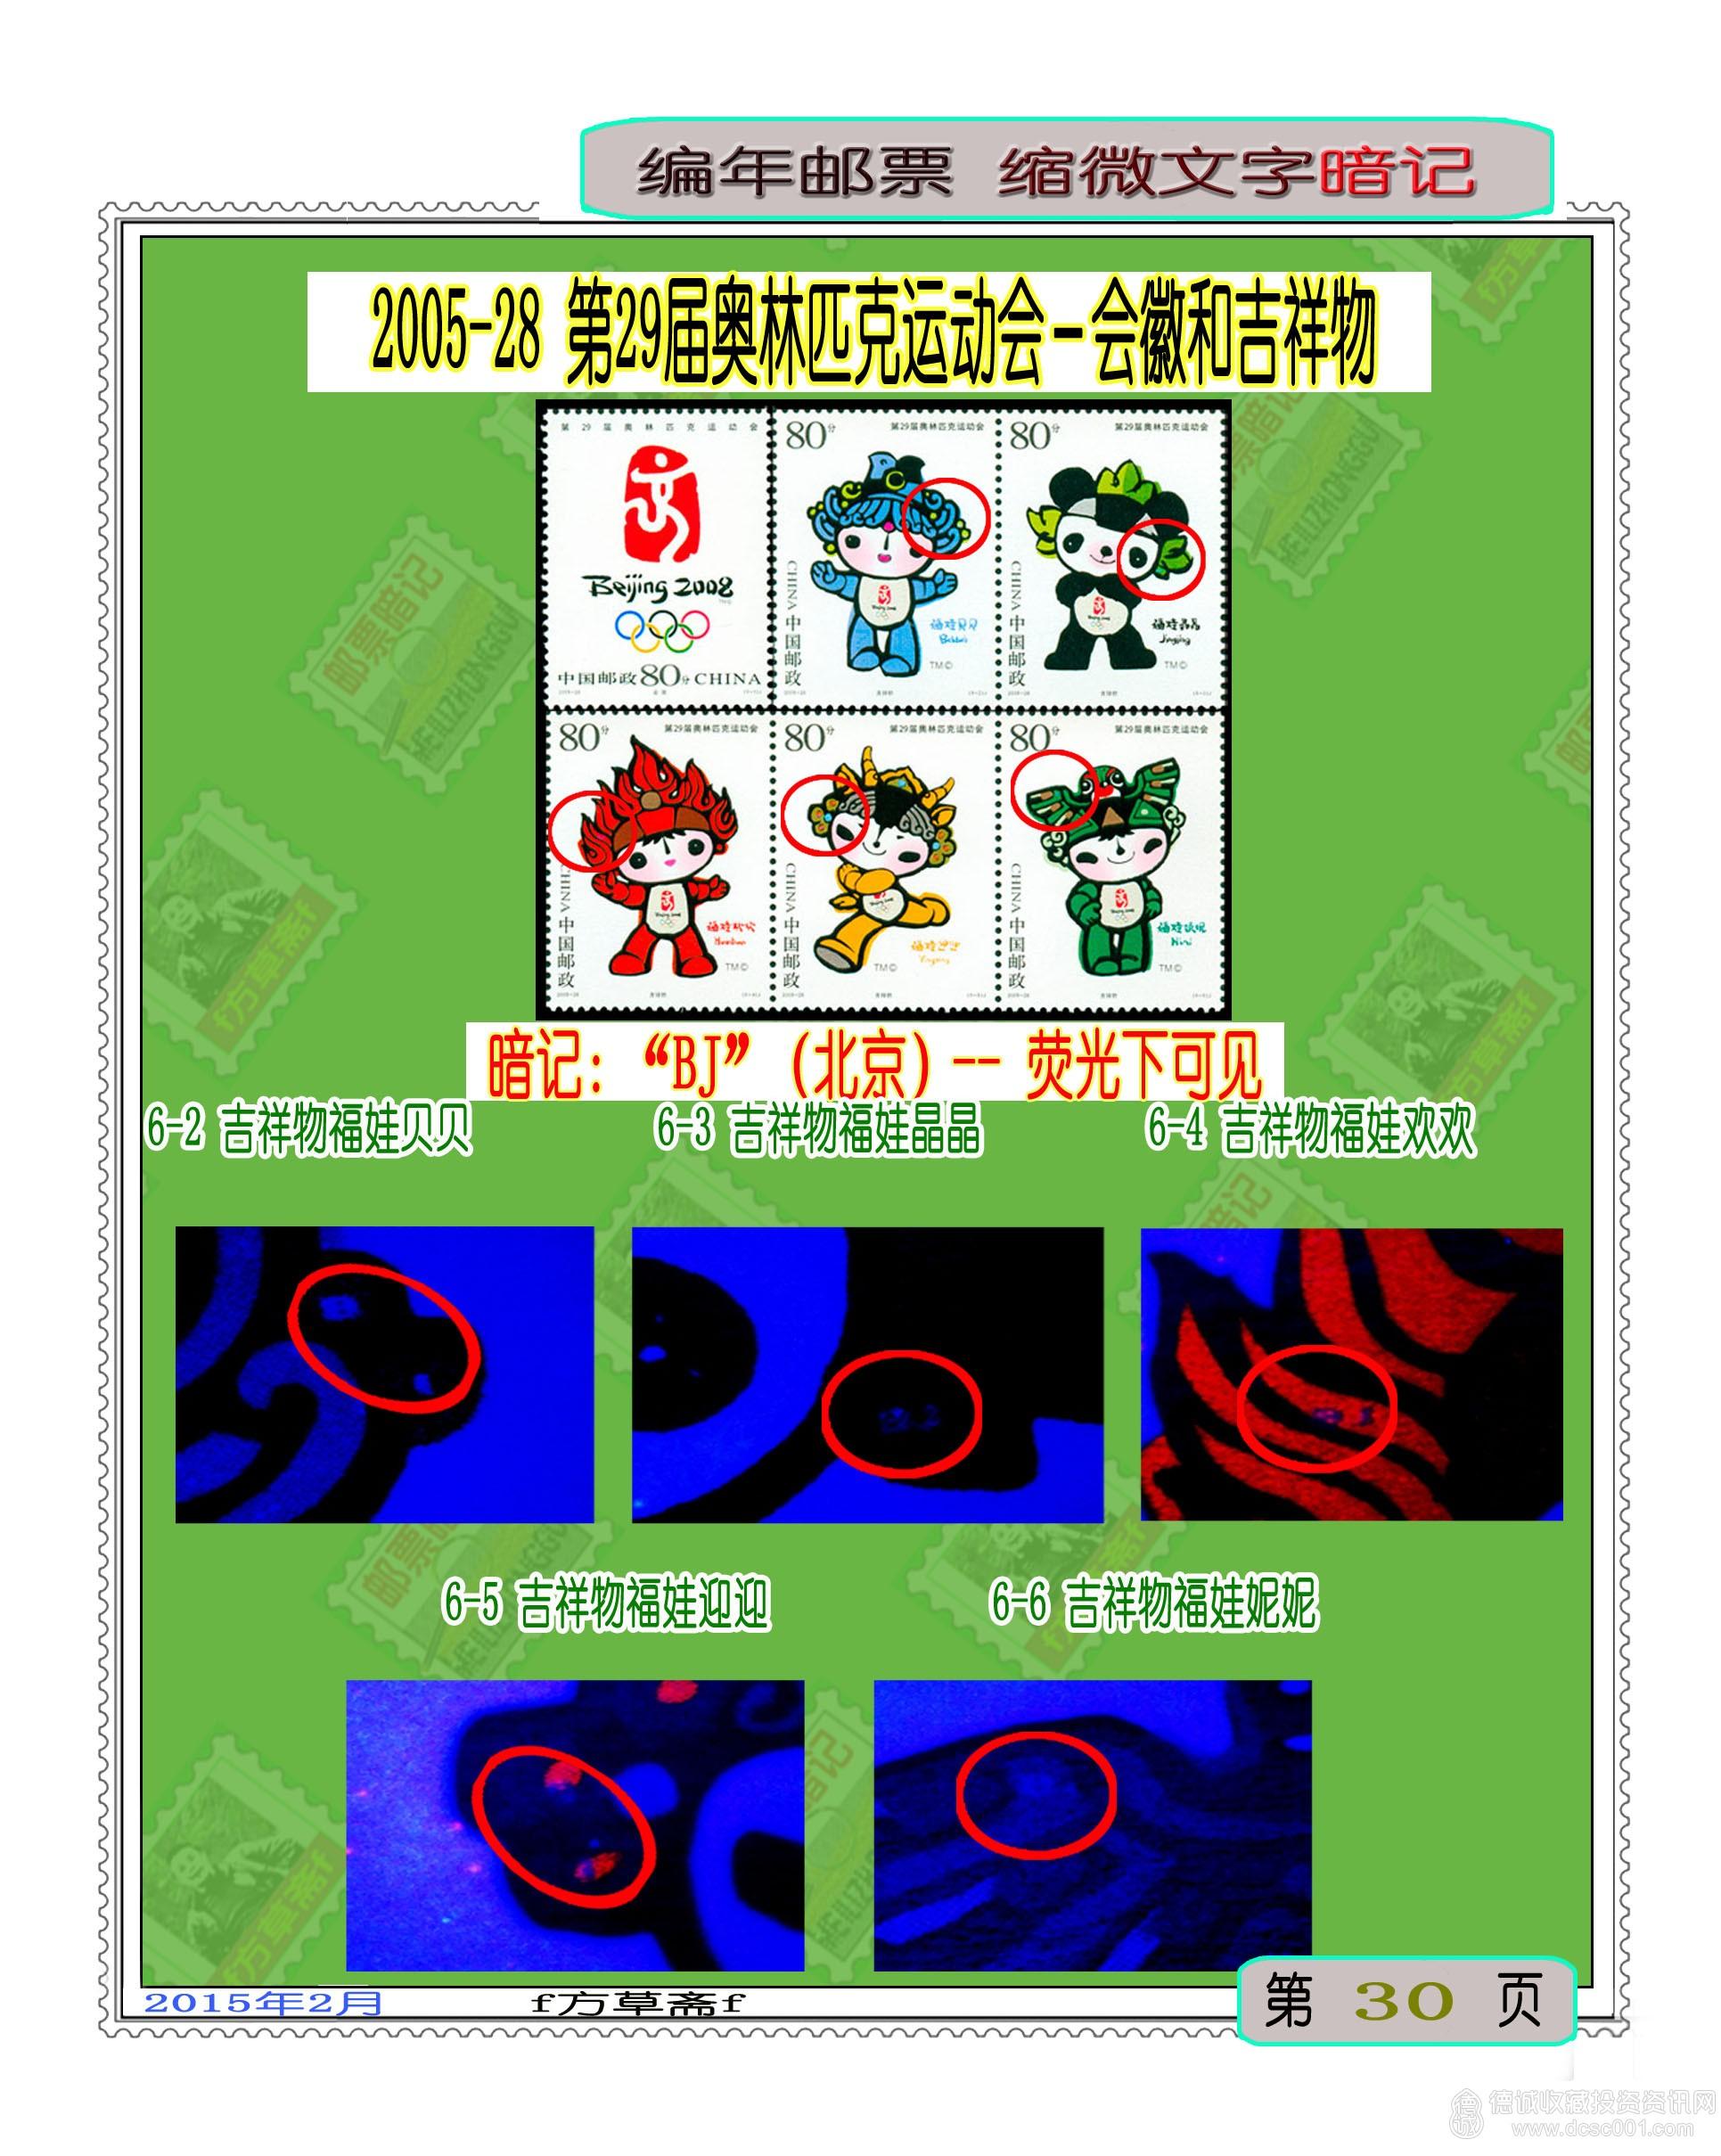 2005-28 第29届奥林匹克运动会-会徽和吉祥物.jpg